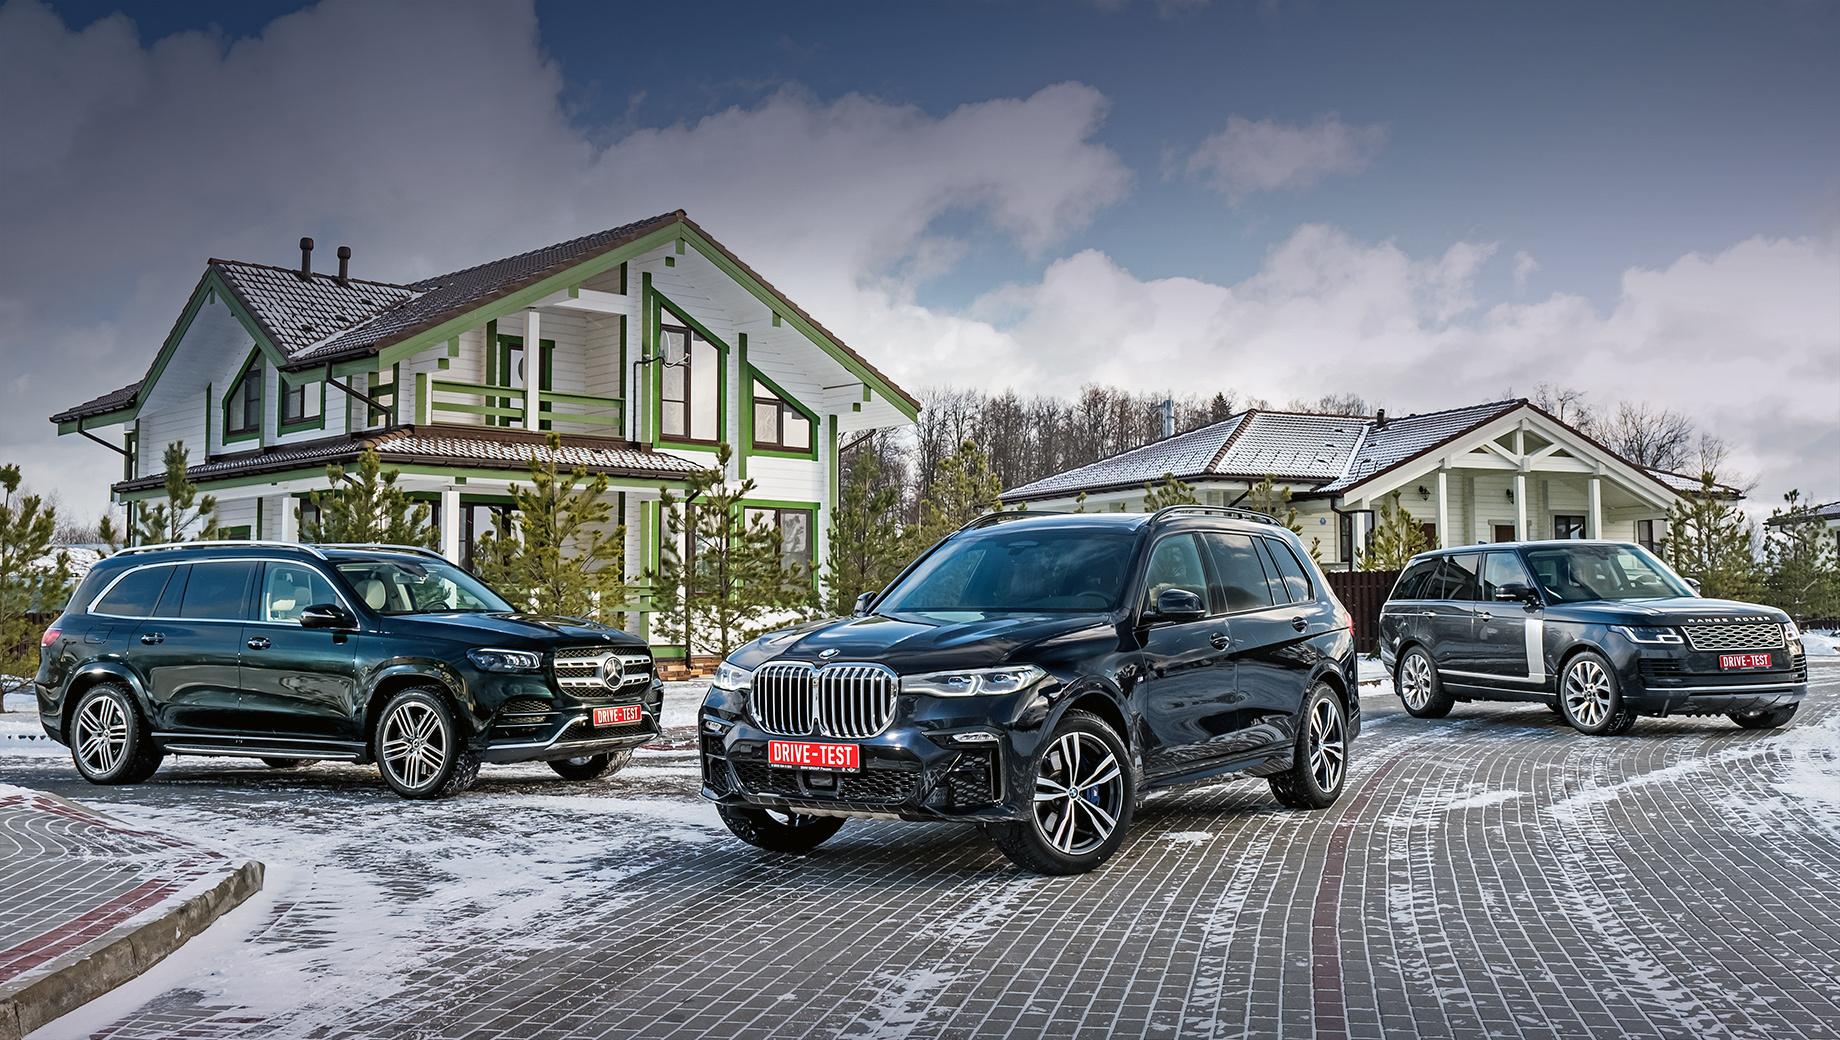 Bmw x7,Mercedes gls,Land rover range rover. Дешевле других обойдётся BMW: базовый дизельный X7 xDrive30d (249 л.с.) стоит 6,31 млн рублей. За GLS 400 d (330 л.с.) придётся выложить минимум 7,18 млн, а за Range Rover TDV6 (249 л.с.) — 7,32 млн.